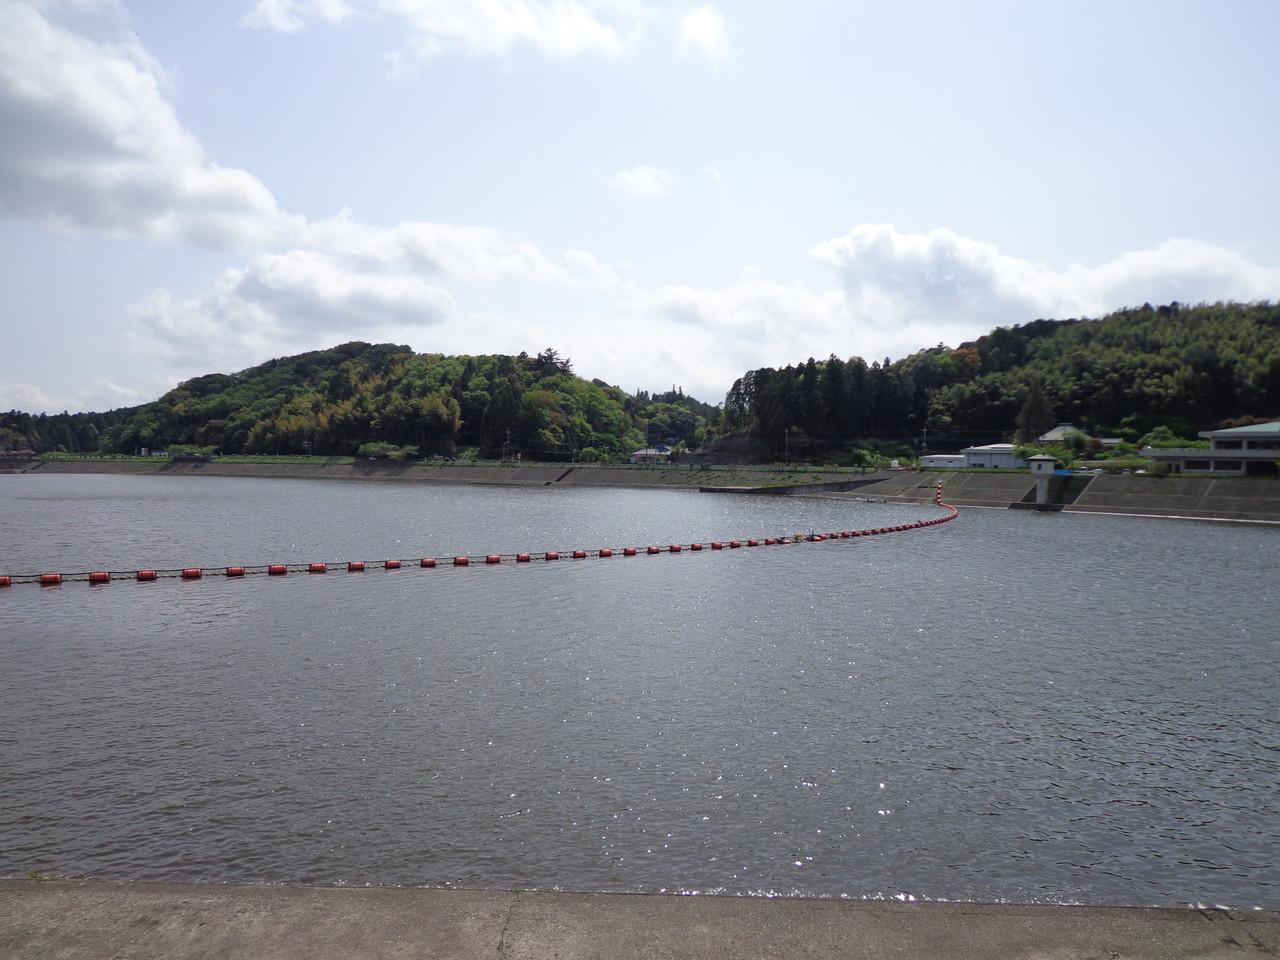 松戸みのり台カイロプラクティック,整体院ブログ(高滝ダム)